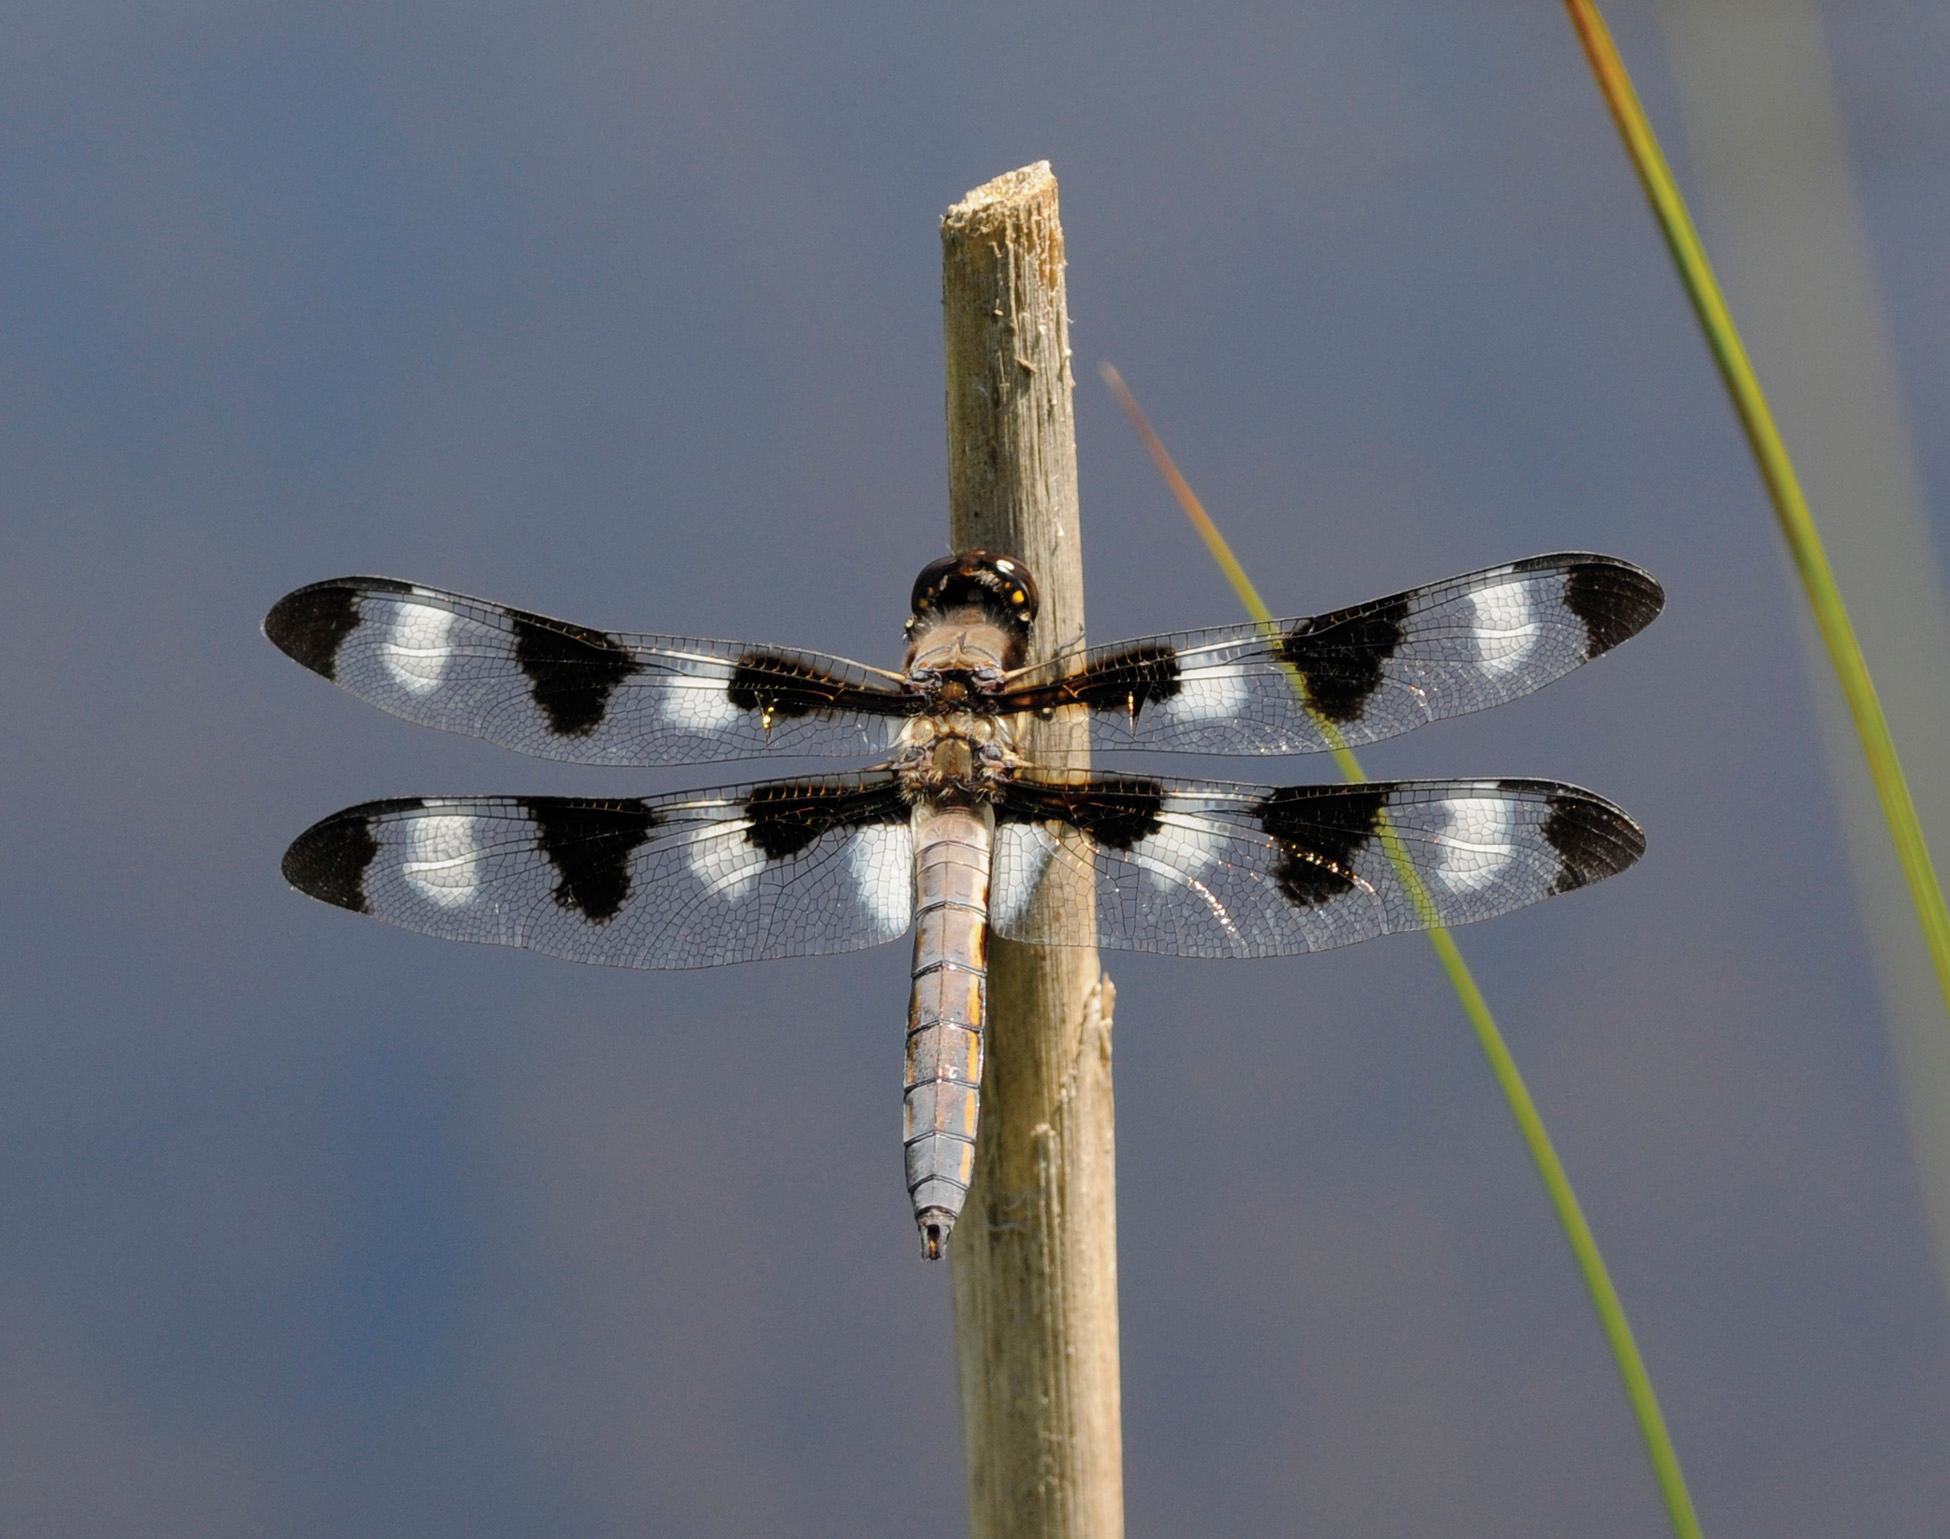 The Dazzling World of Dragonflies - Door County Pulse